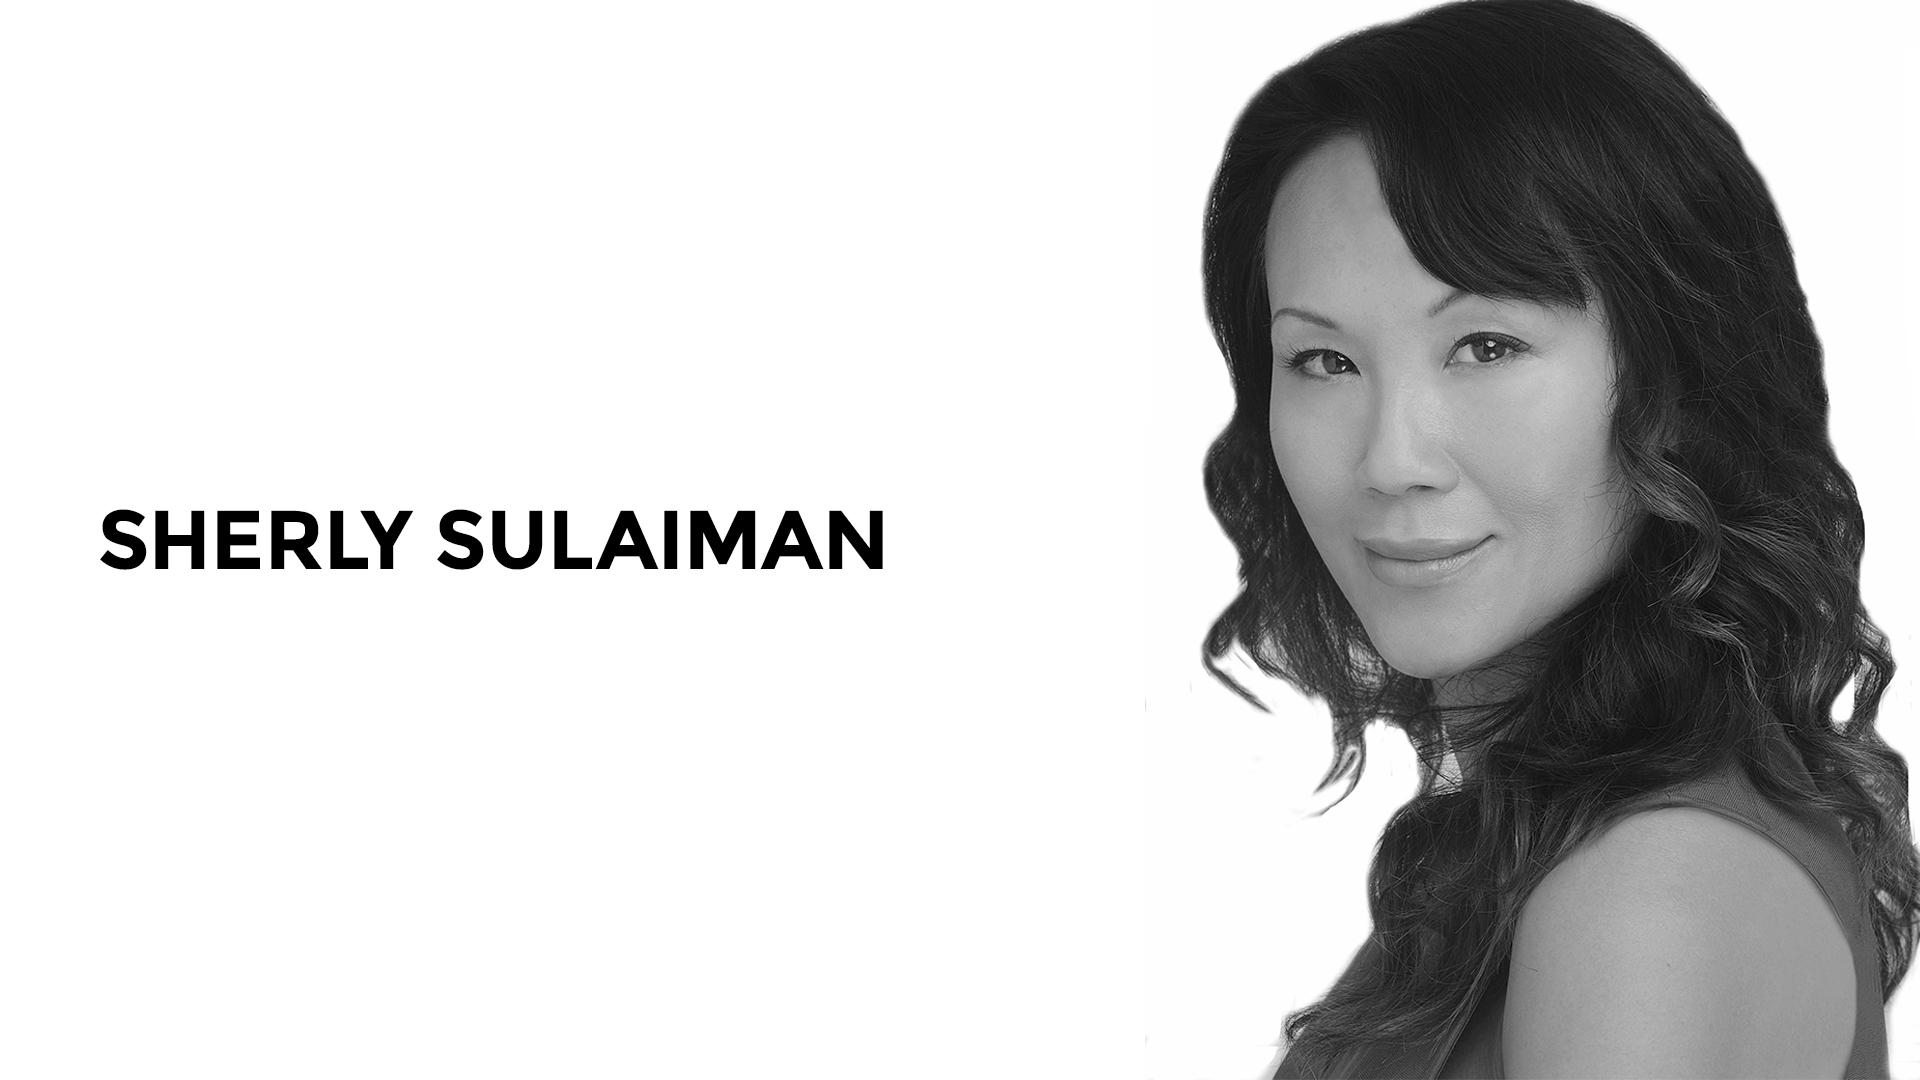 SHERLY SULAIMAN.jpg